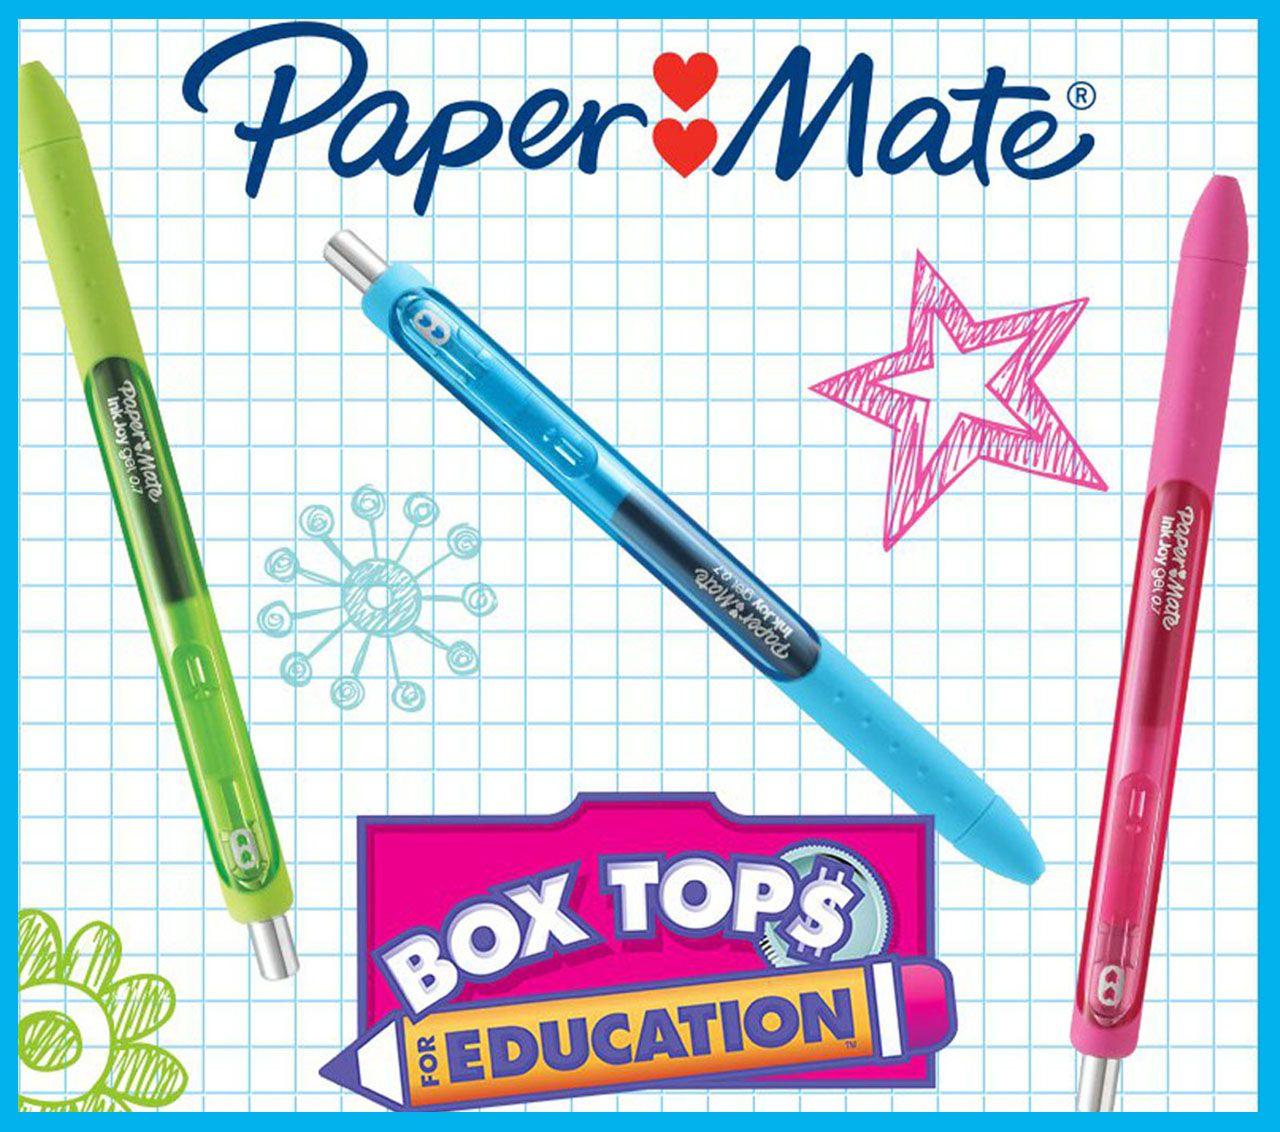 paper-mate-and-box-tops_bp1d.jpg